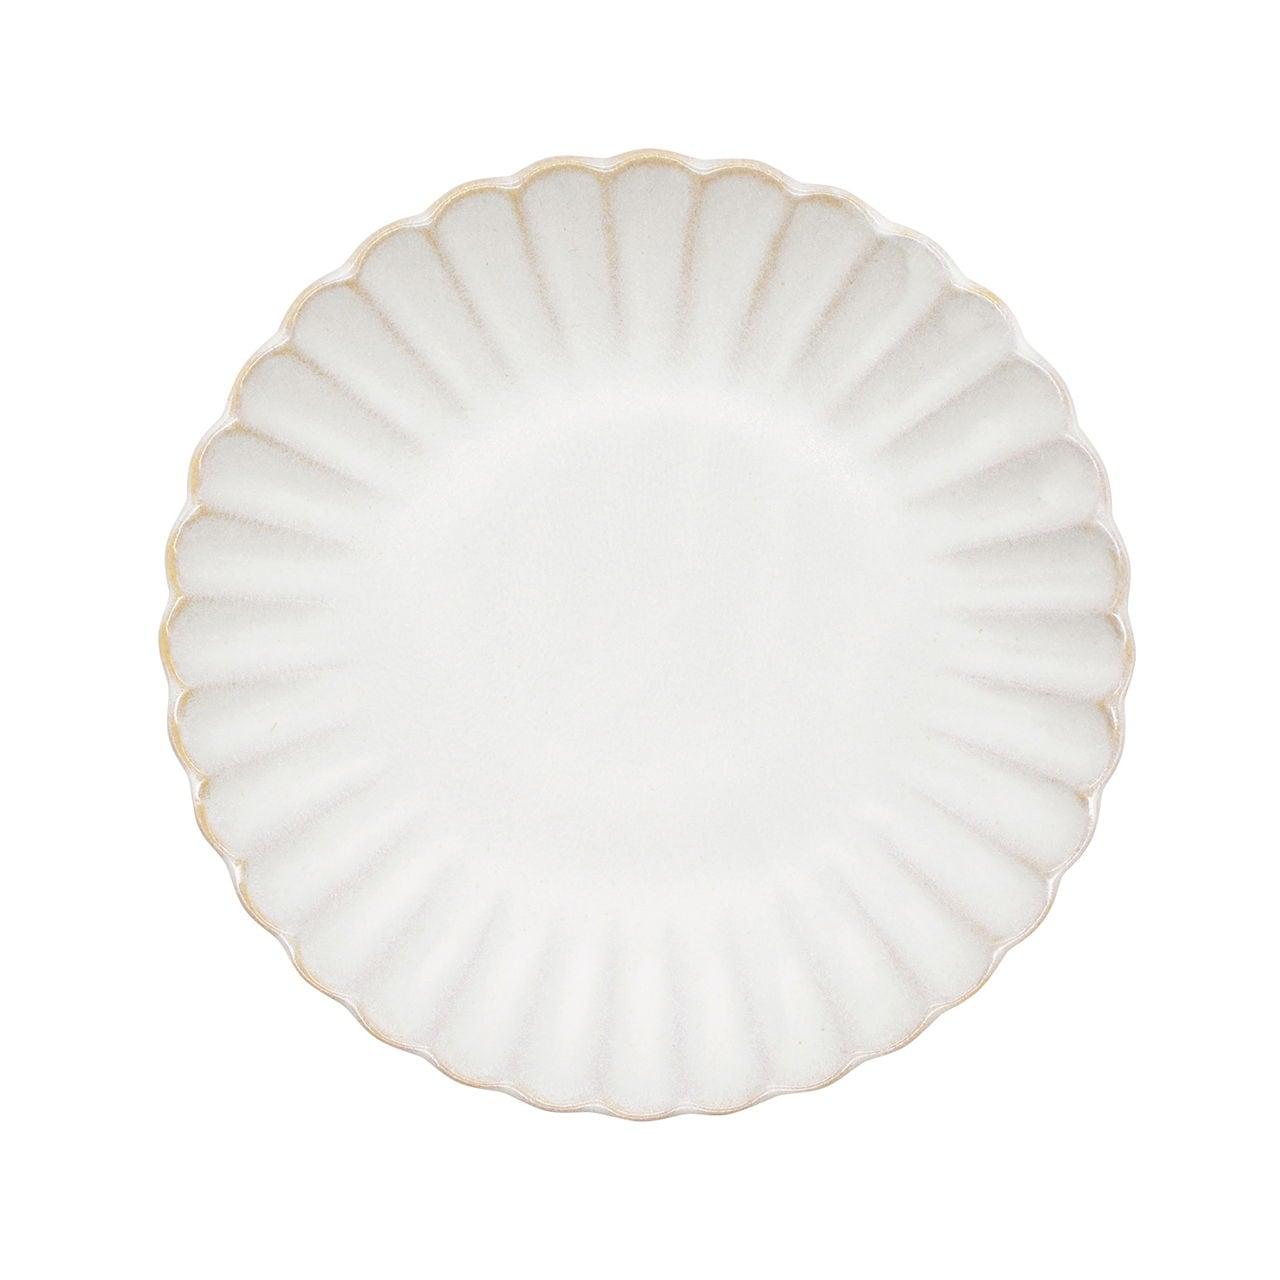 aito製作所 「花 hana」プレート 皿 16cm M ぎんはく 瀬戸焼 288132